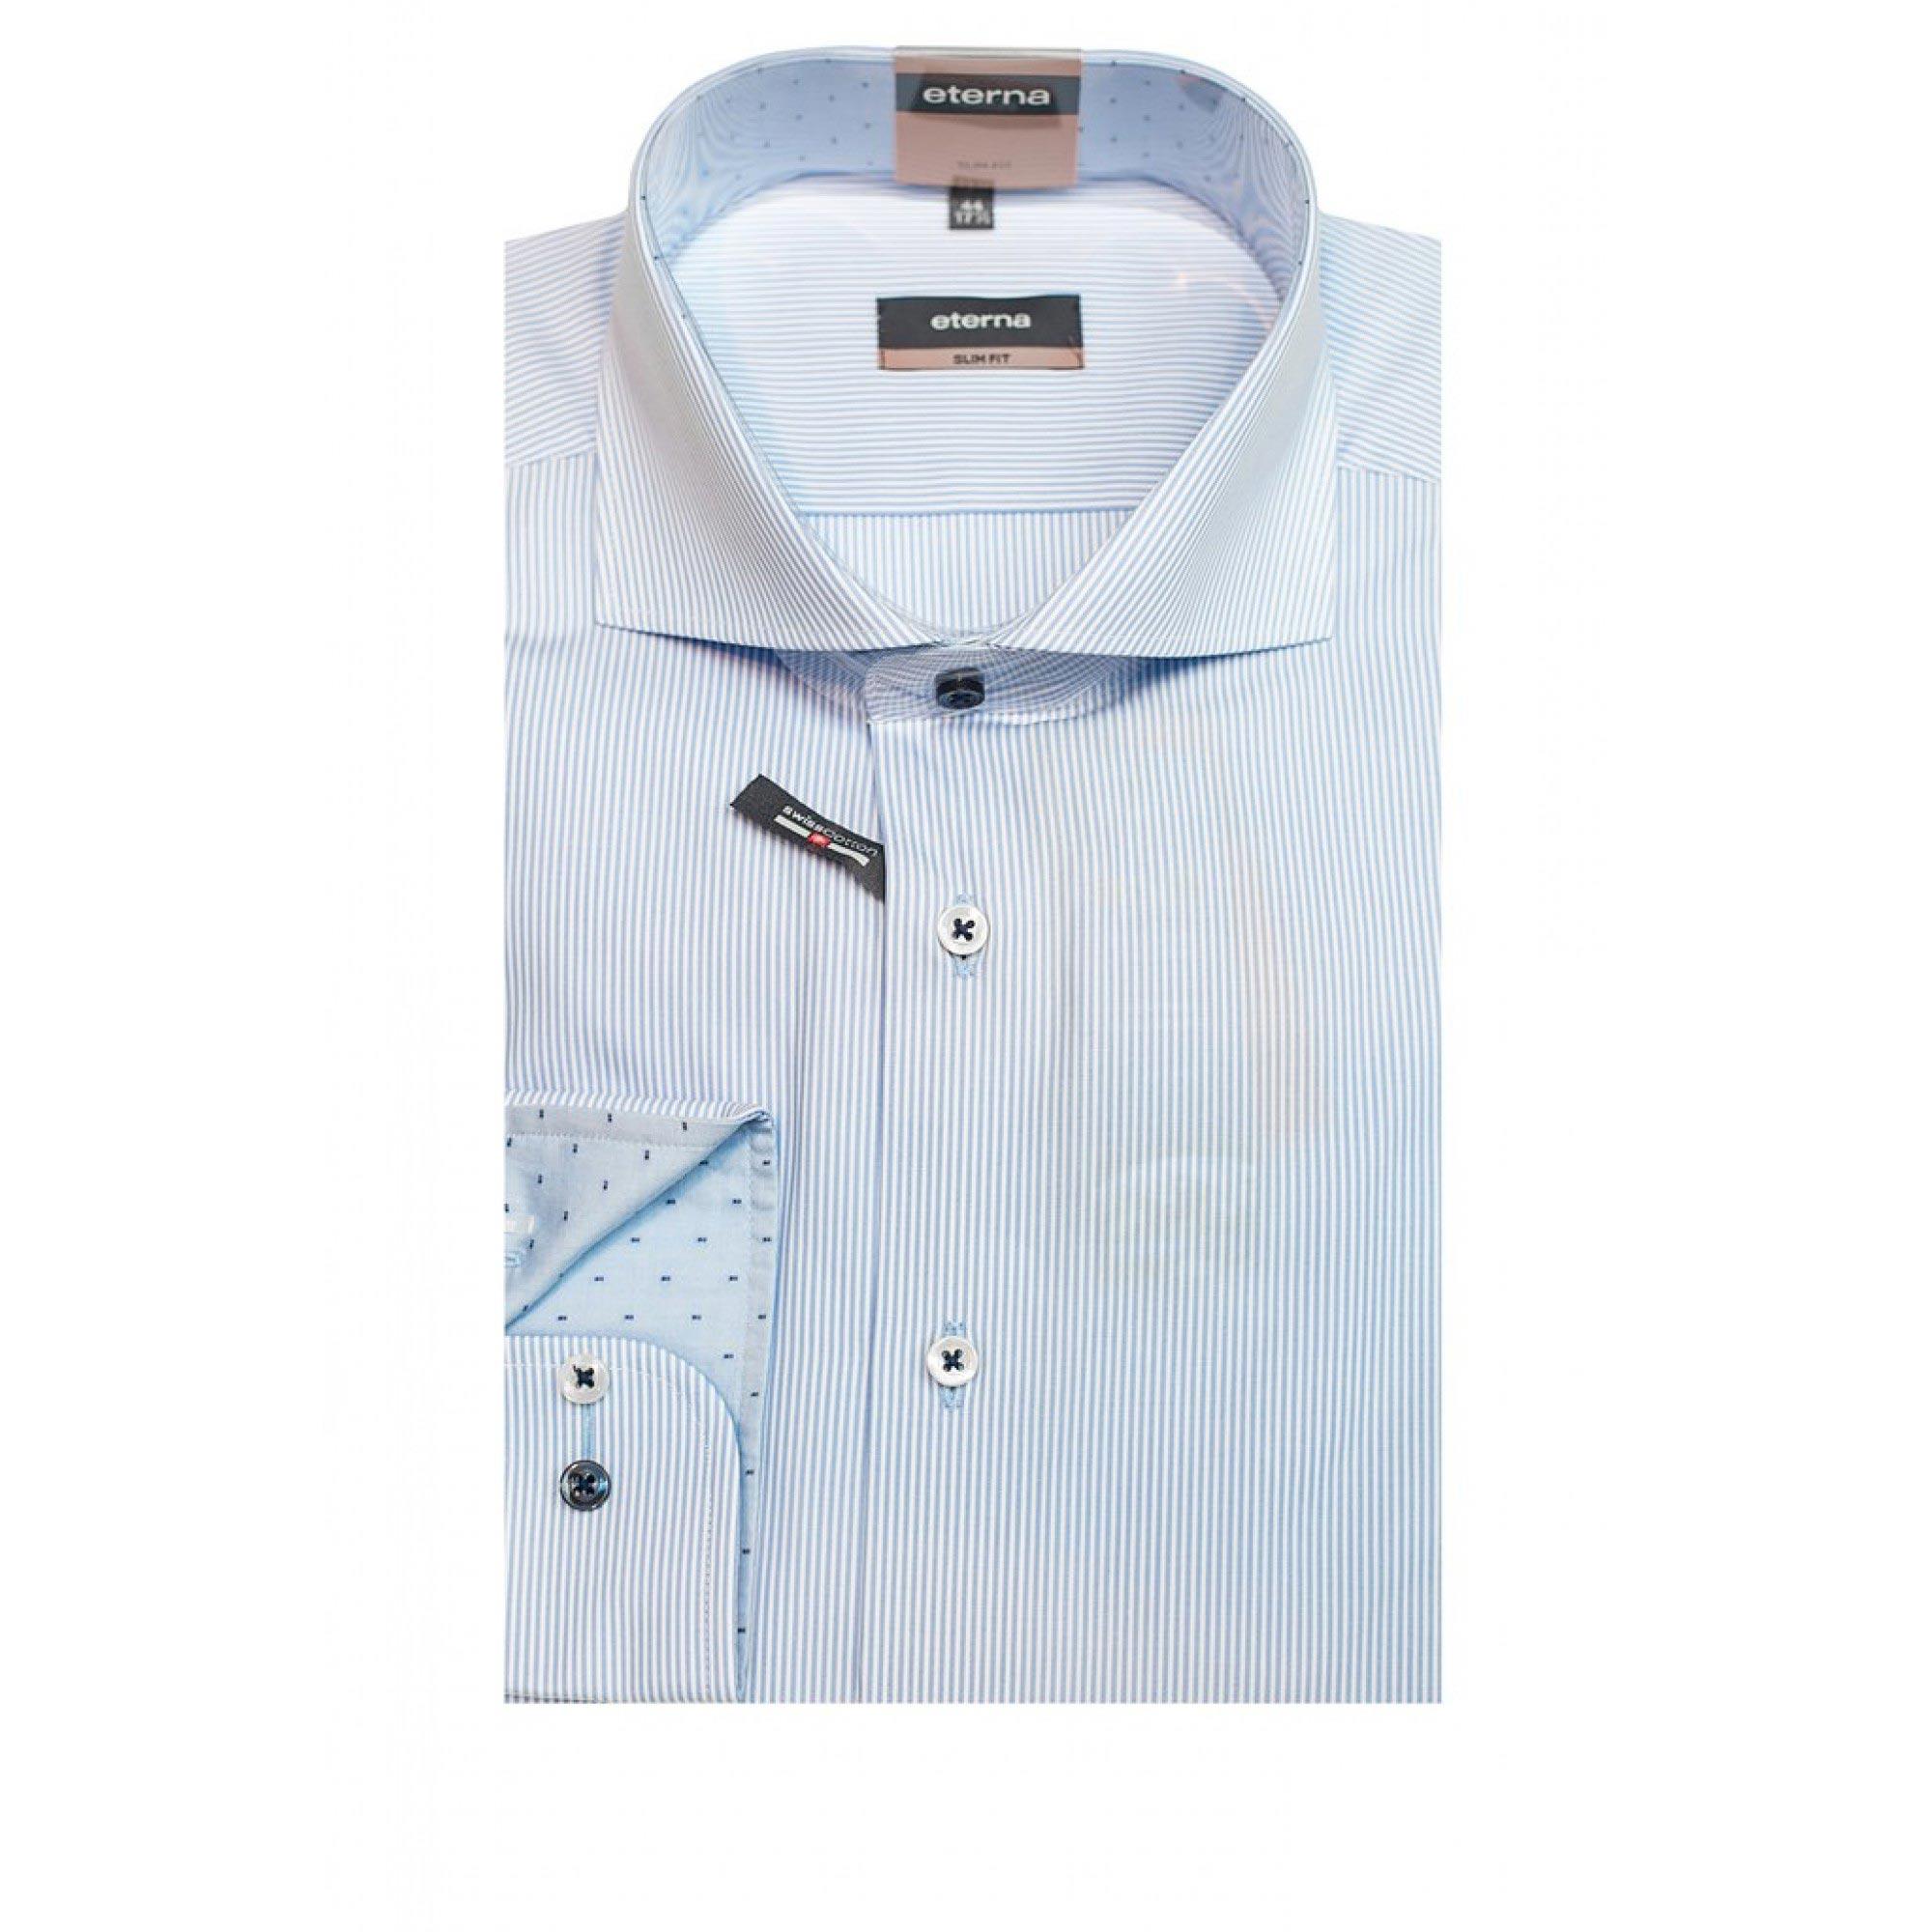 66b10715c0c Приталенная рубашка (Slim Fit) в полоску с длинным рукавом 02-4076 ...